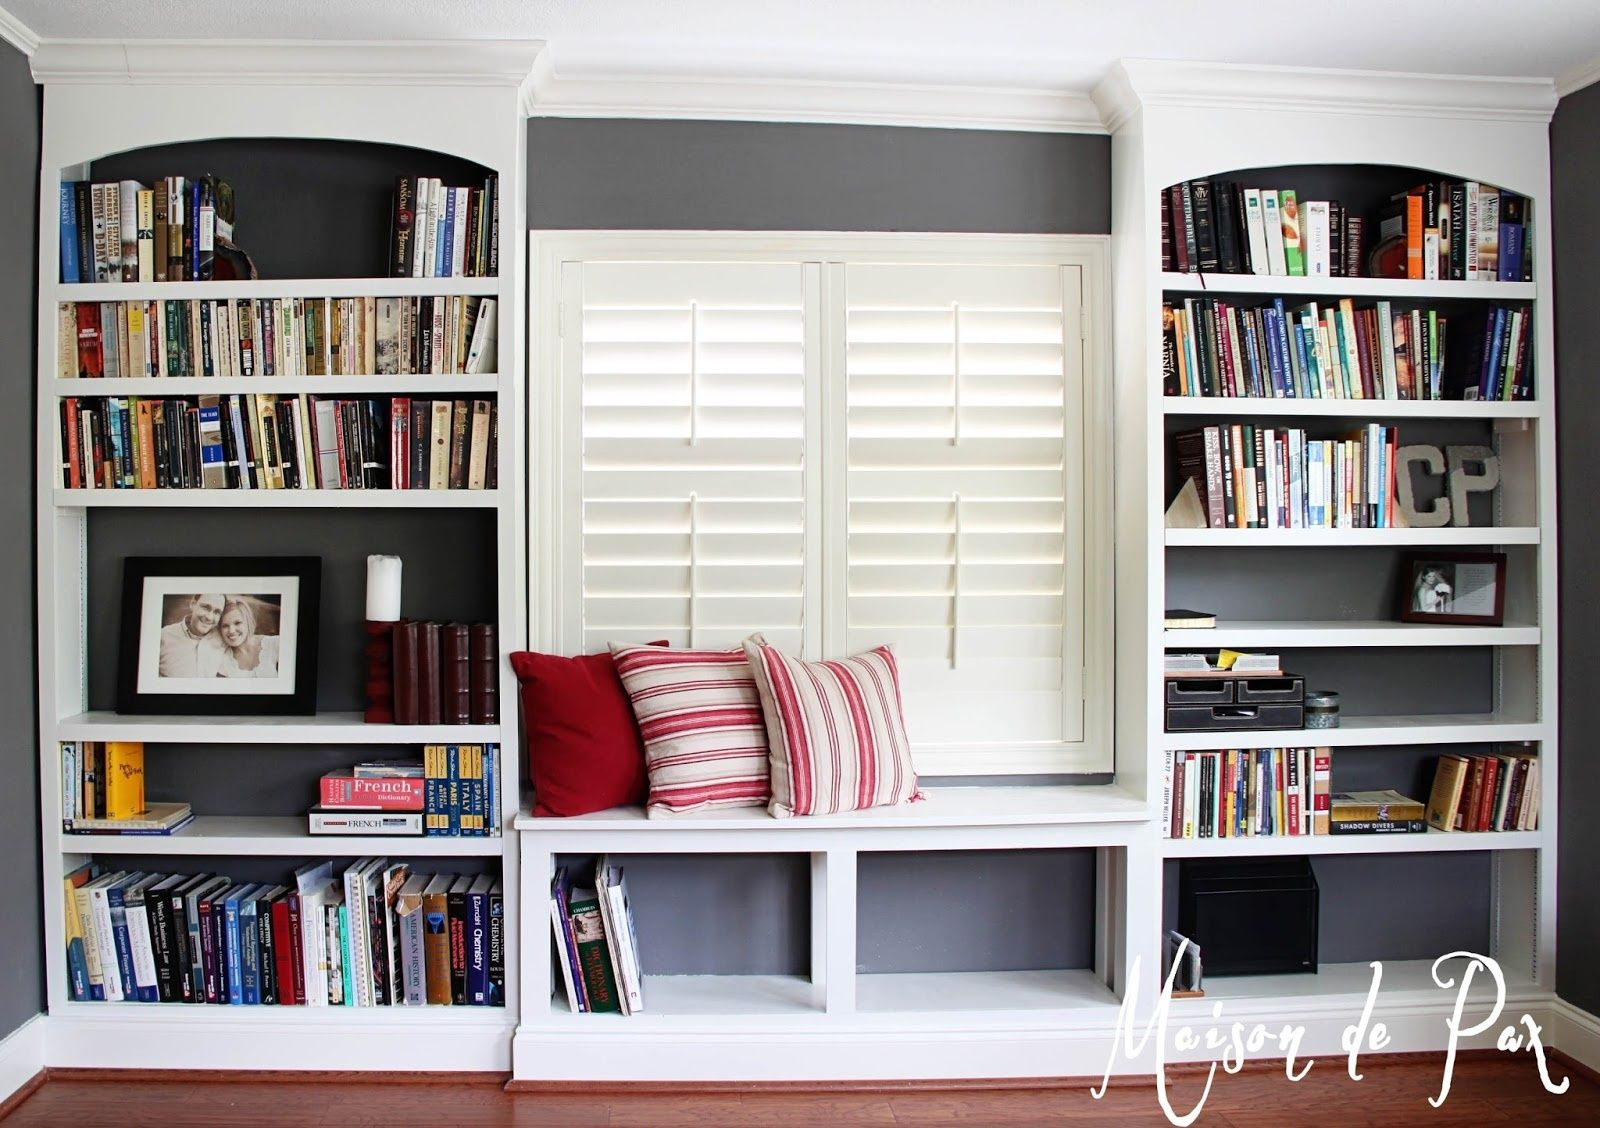 Built In Shelves Around A Window Bookshelves Built In Bookshelves Diy Home